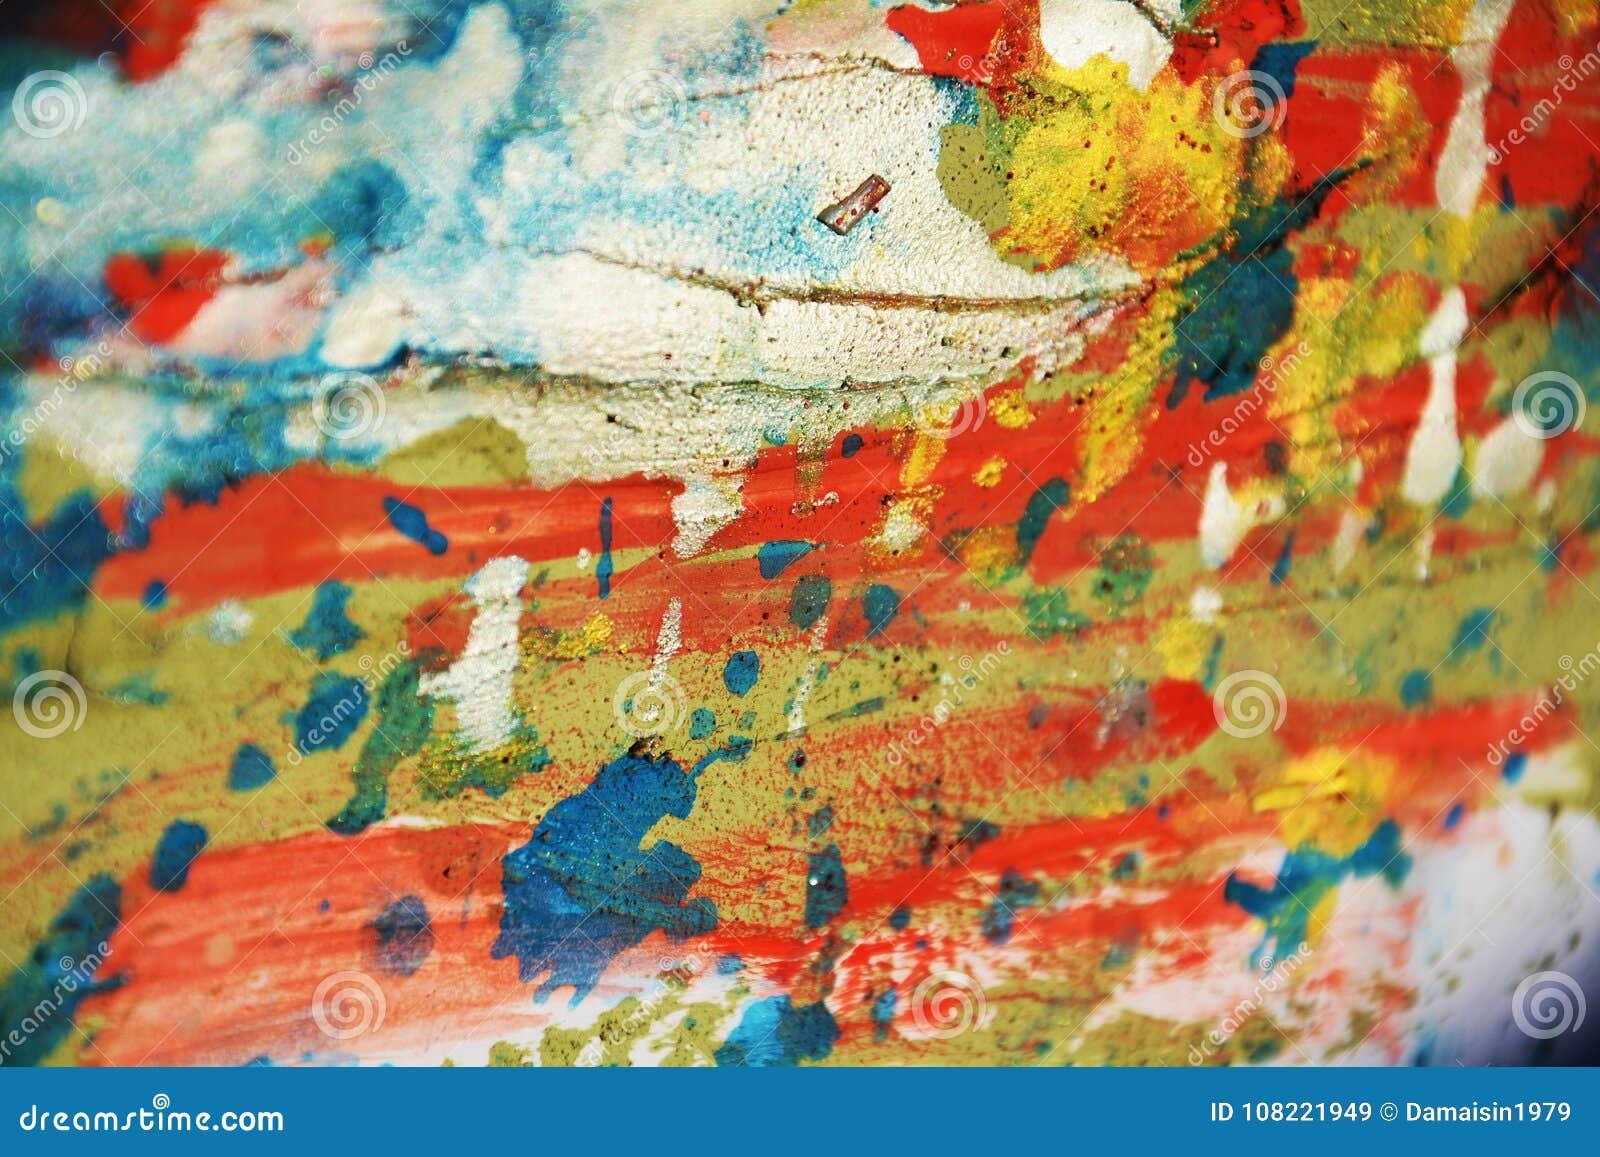 Försilvra grön orange blå röd pastellfärgad vaxartad fläckbakgrund och borsta slaglängder, toner, fläckar